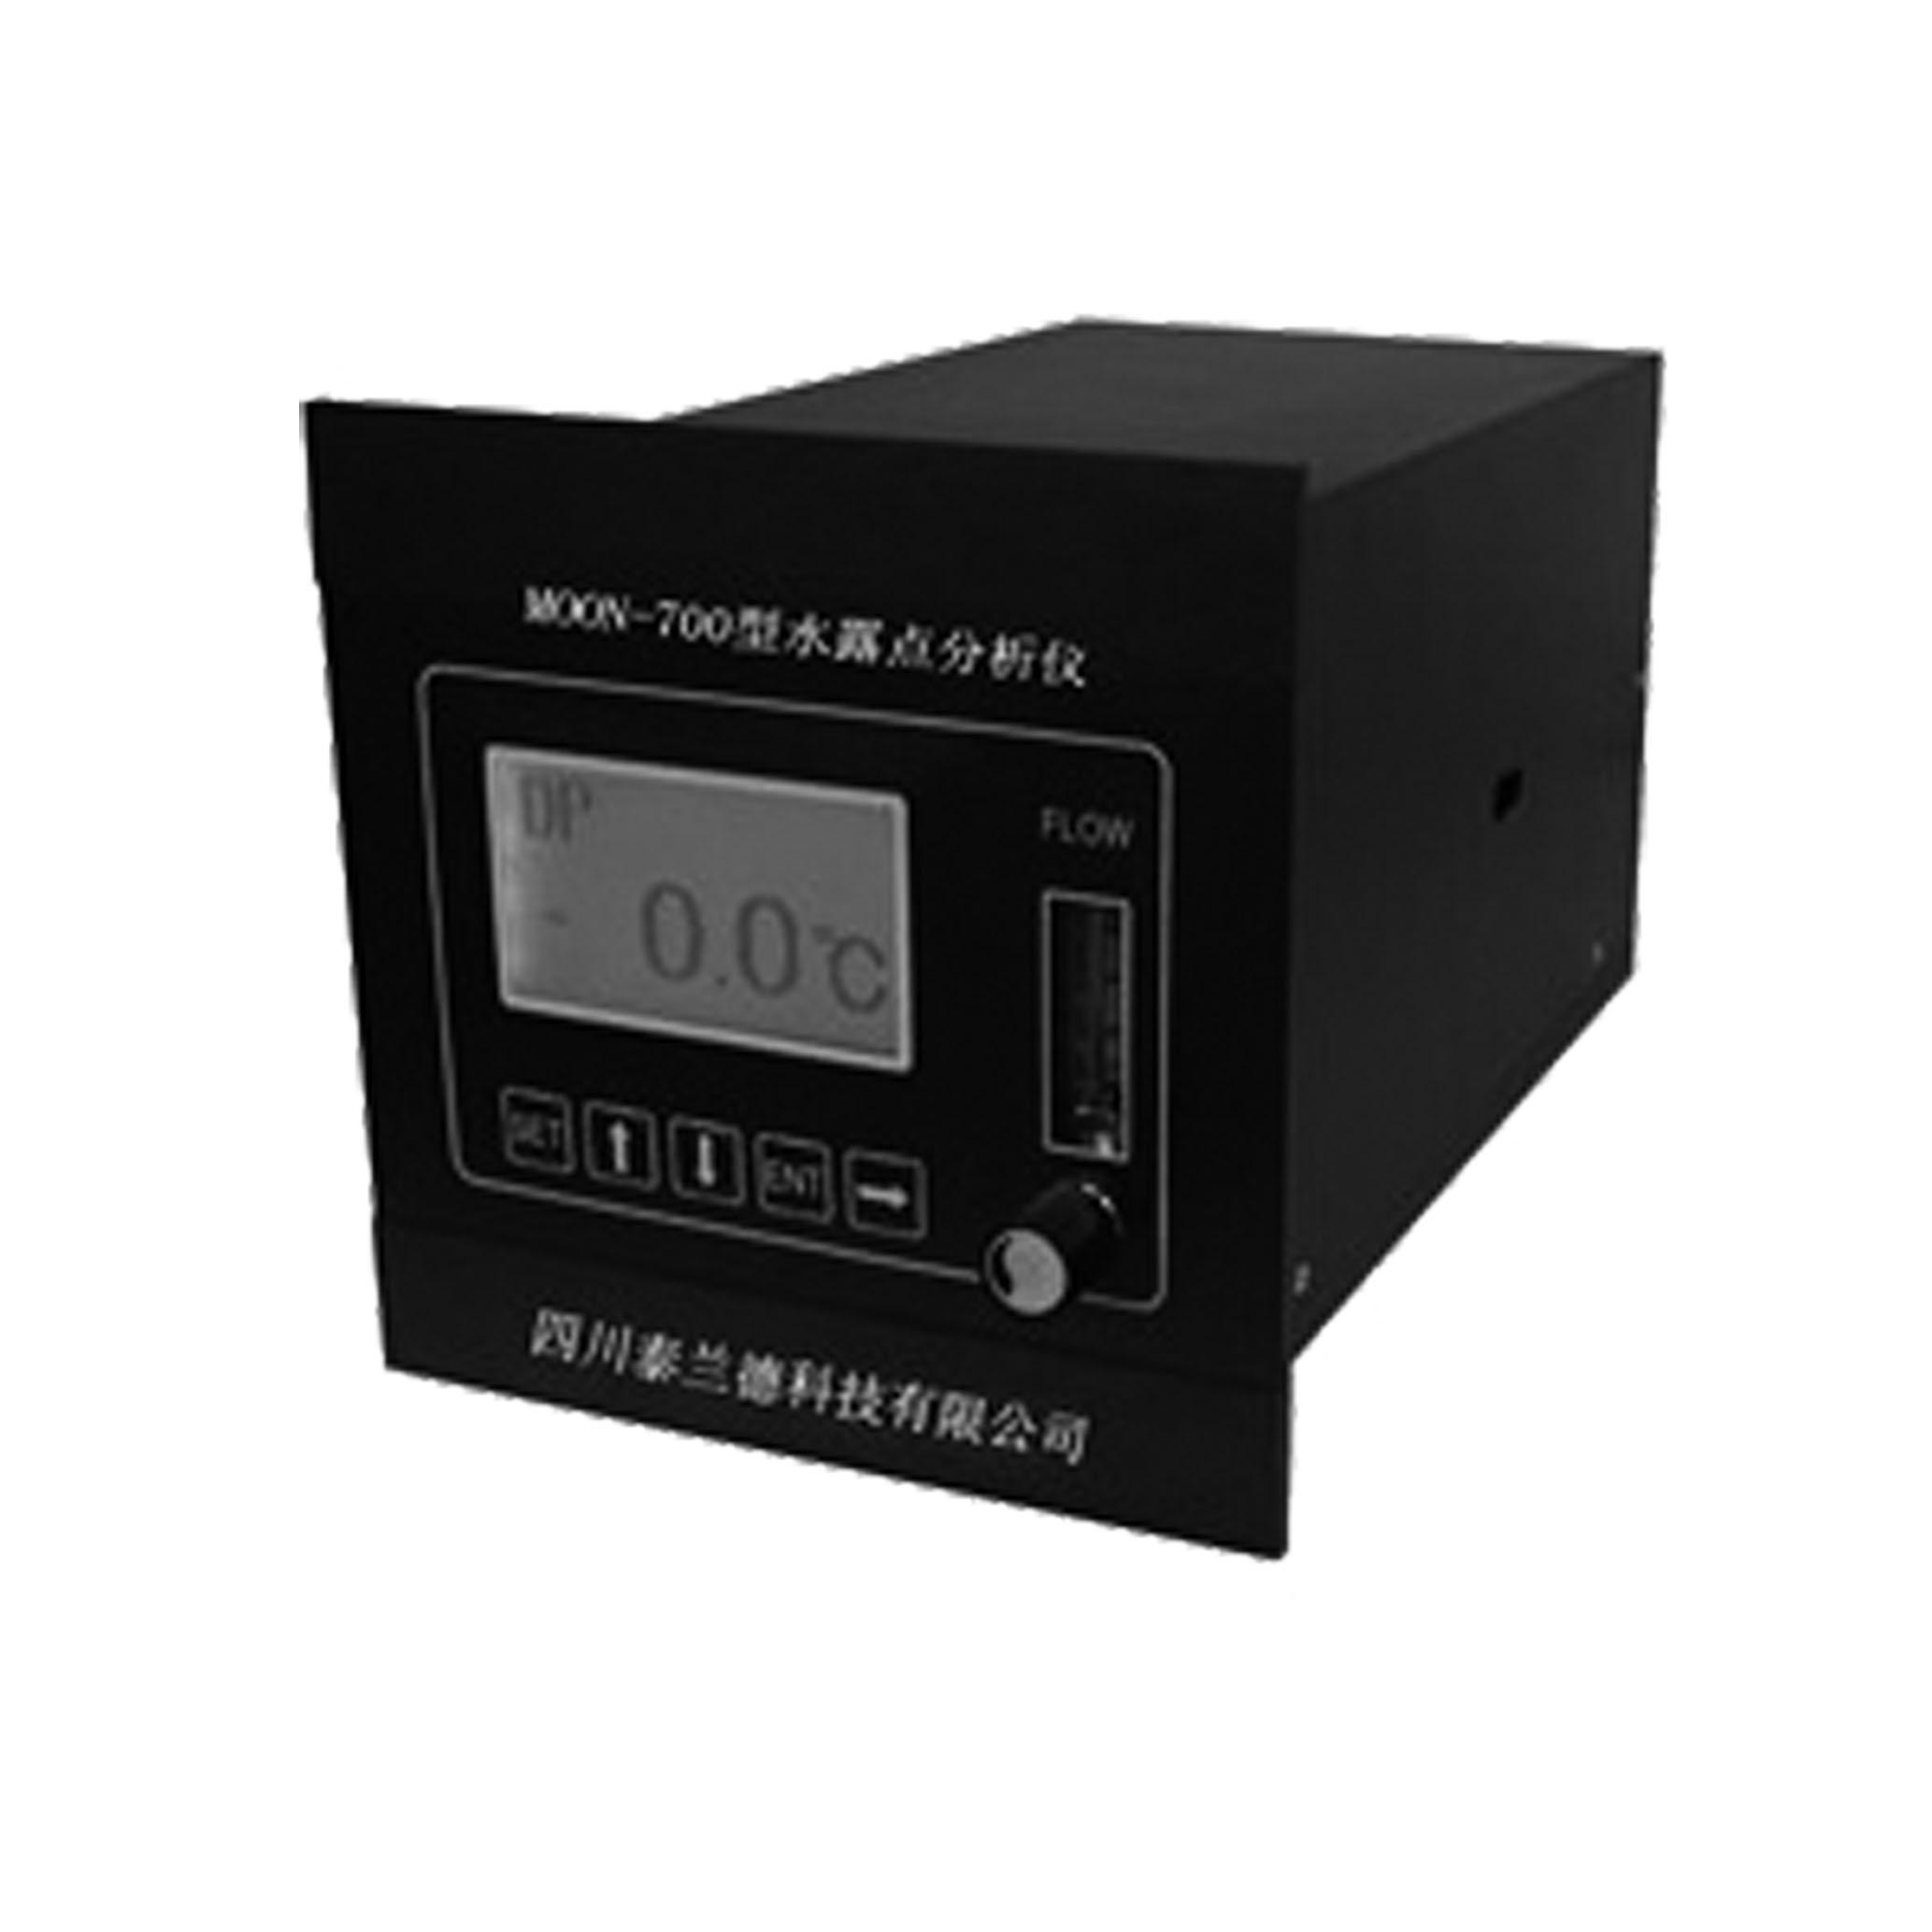 MOON-700水露点仪